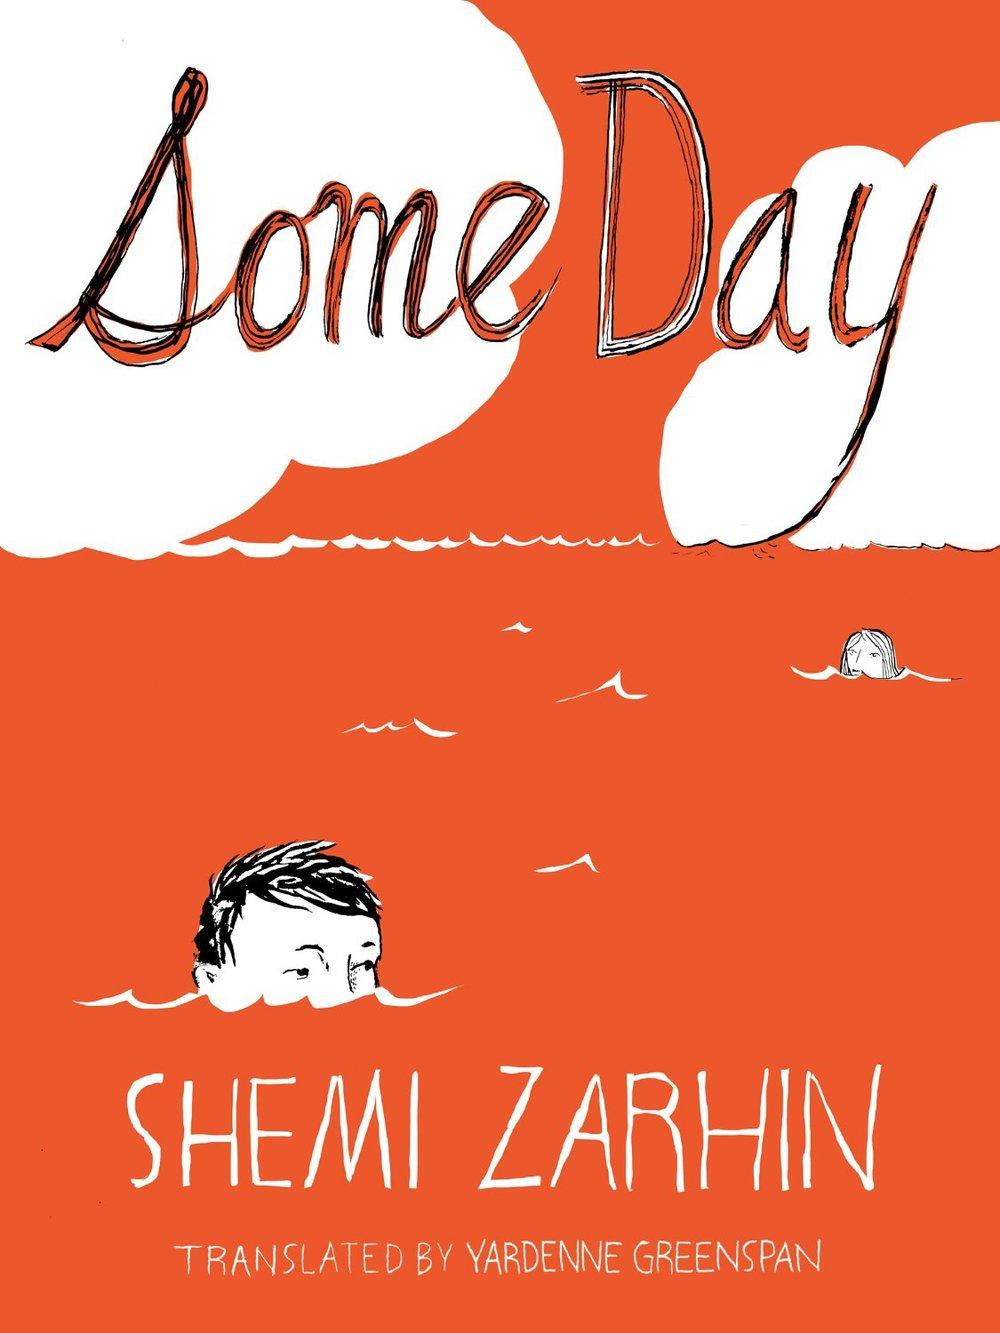 by Shemi Zarhin, translated from HEBREW by Yardenne Greenspan